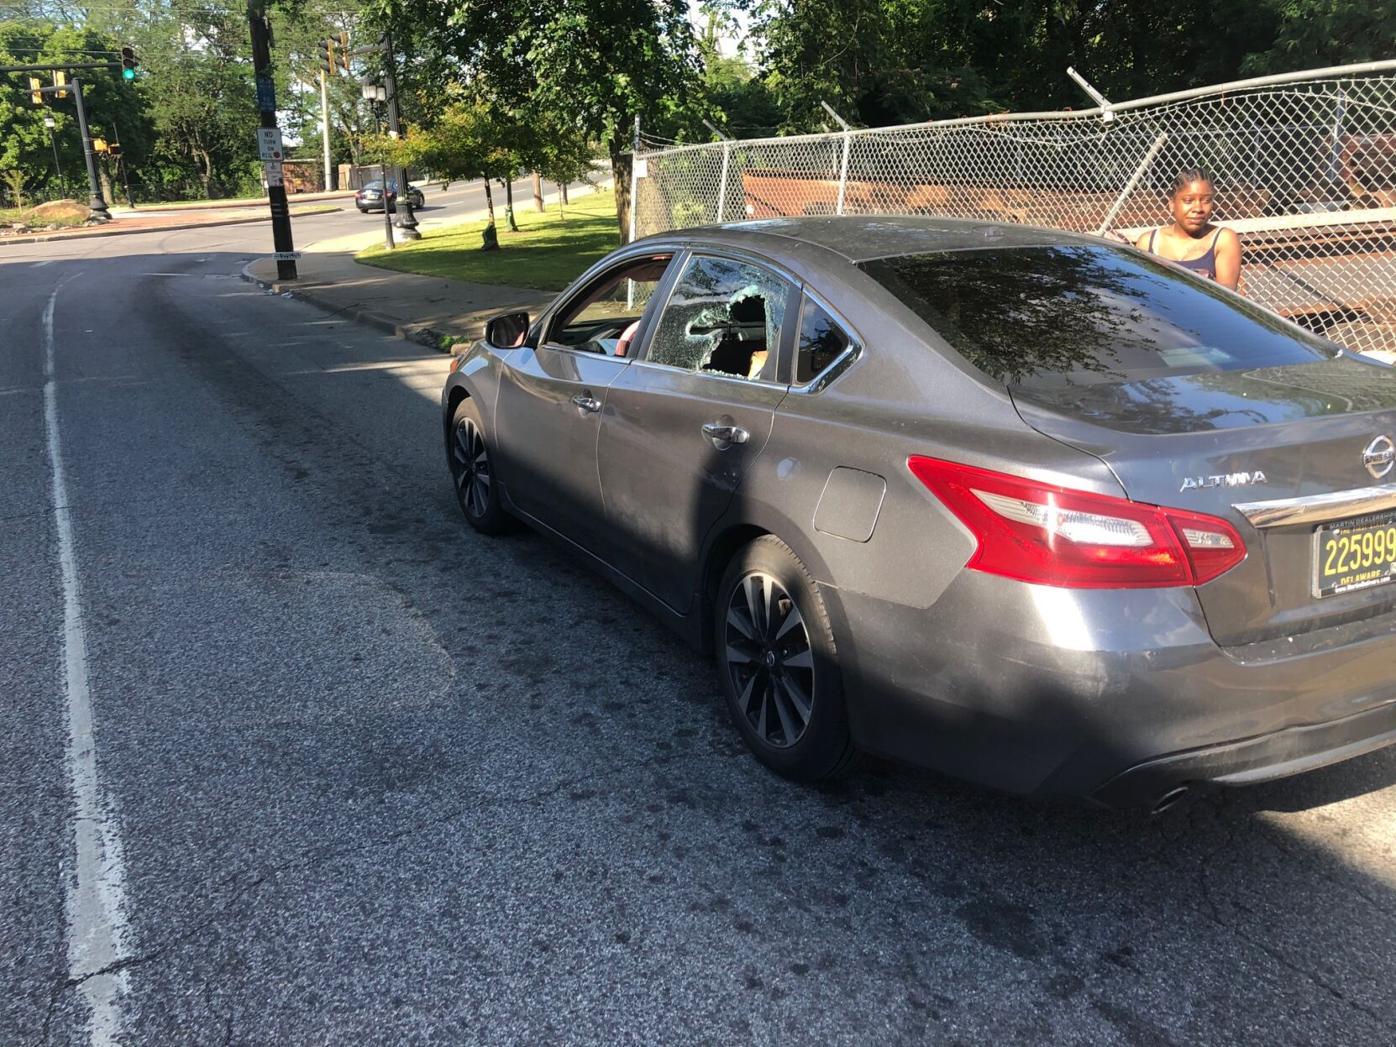 Watson car damage 3.JPG